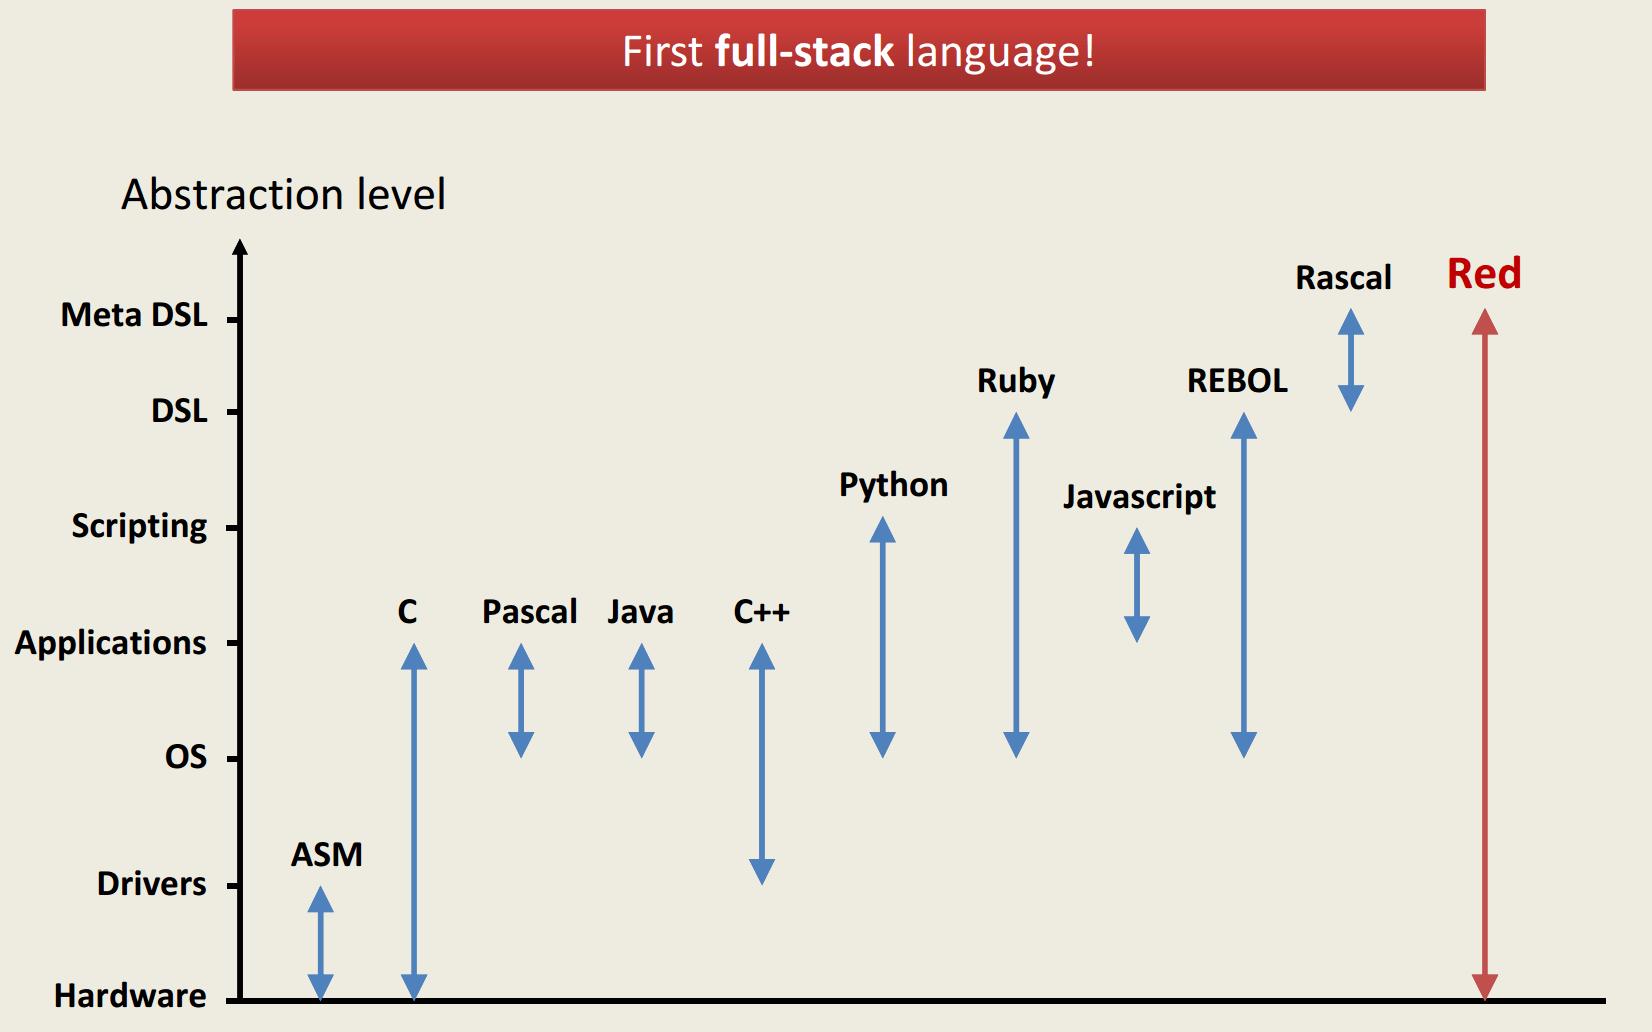 Red Language